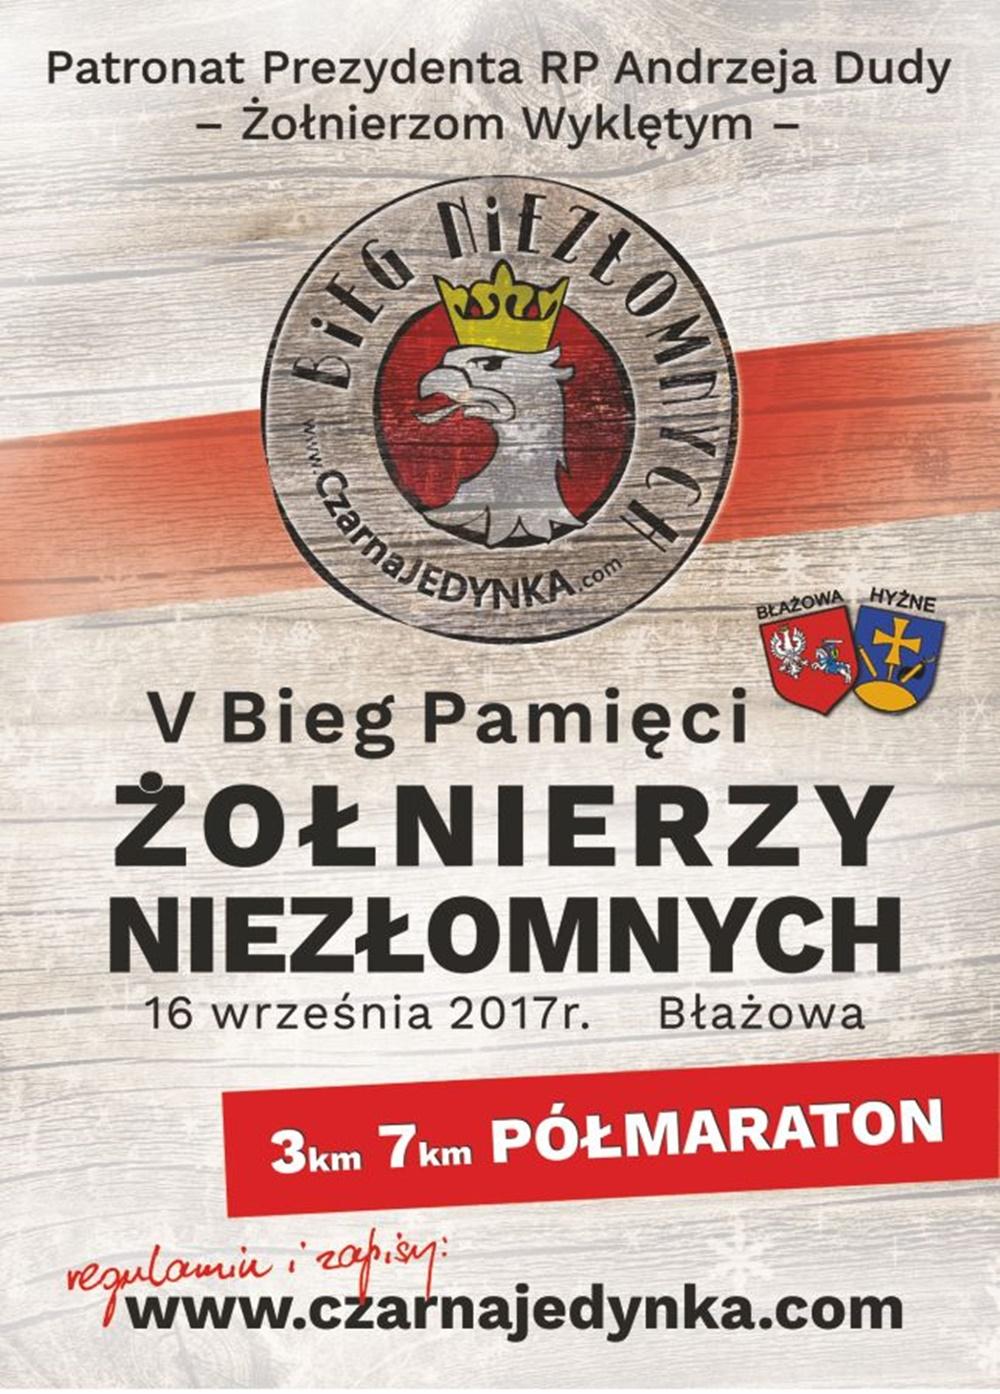 5. Bieg Pamięci Żołnierzy Niezłomnych. Błażowa, 16.09.2017 r.